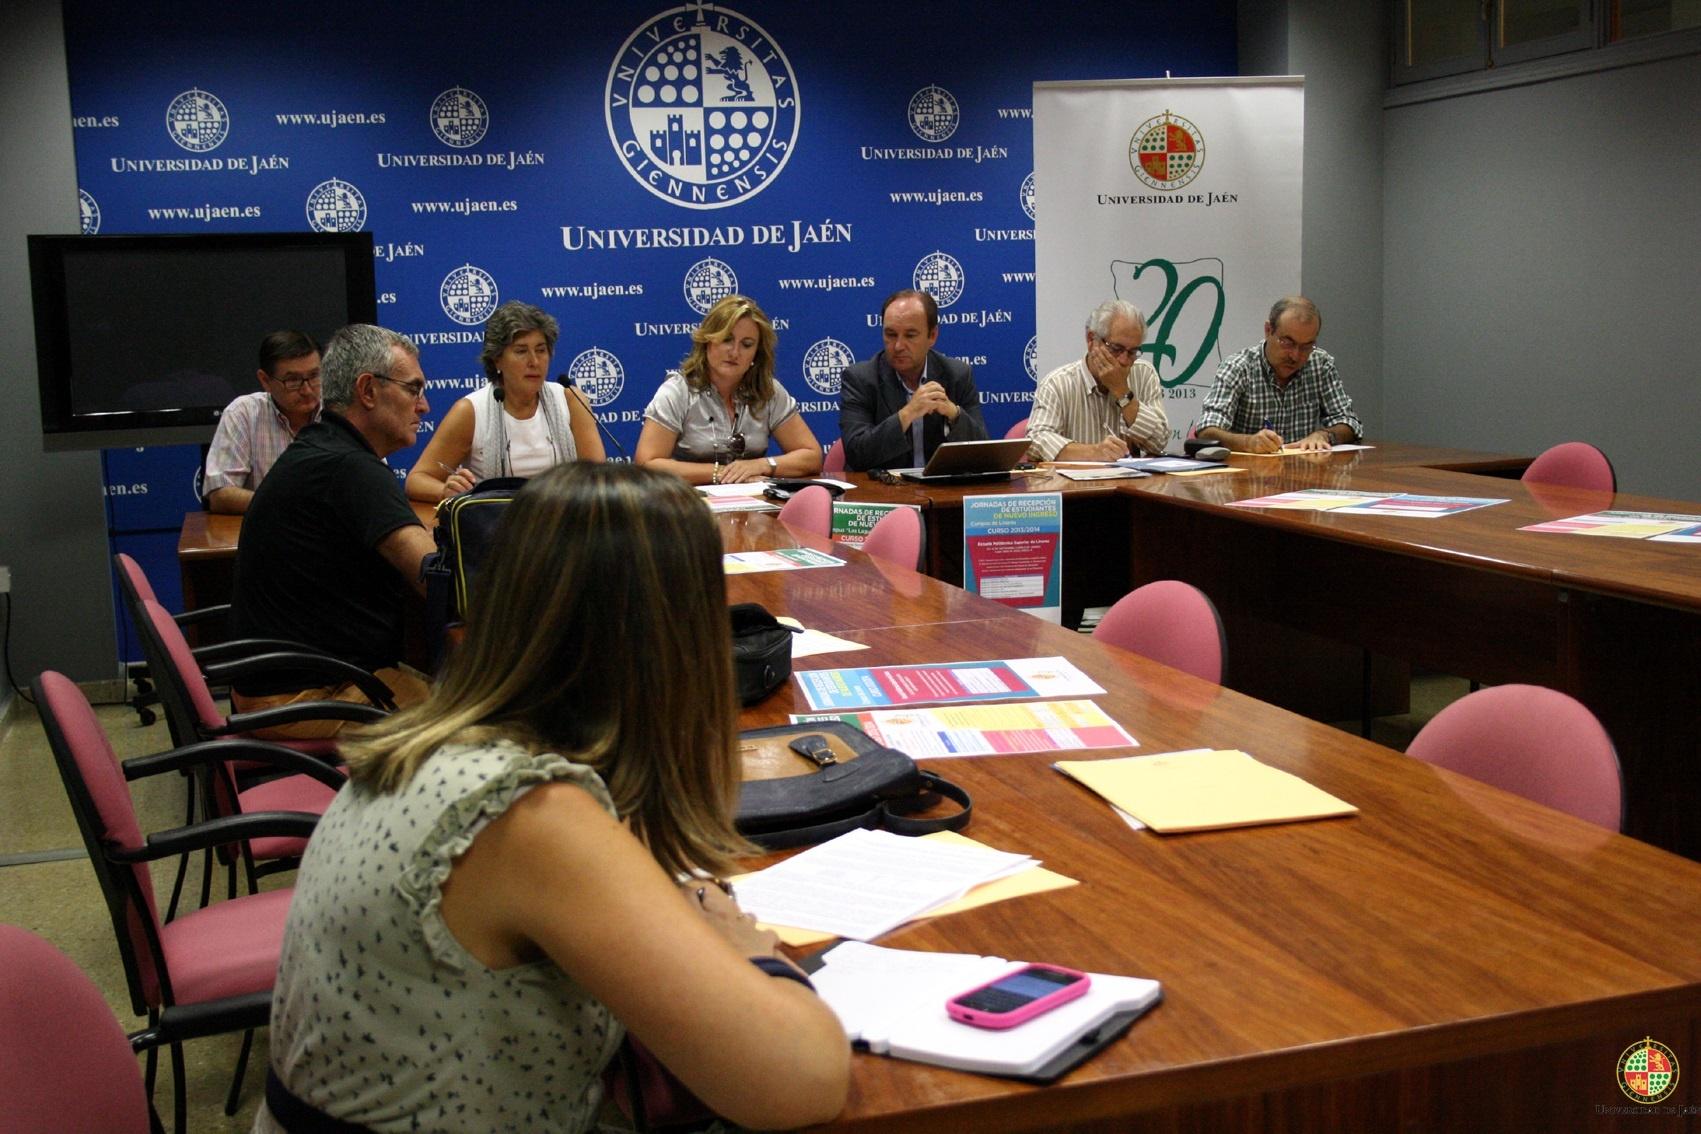 La convocatoria de septiembre de la Selectividad reunirá desde este lunes en la provincia a 930 estudiantes